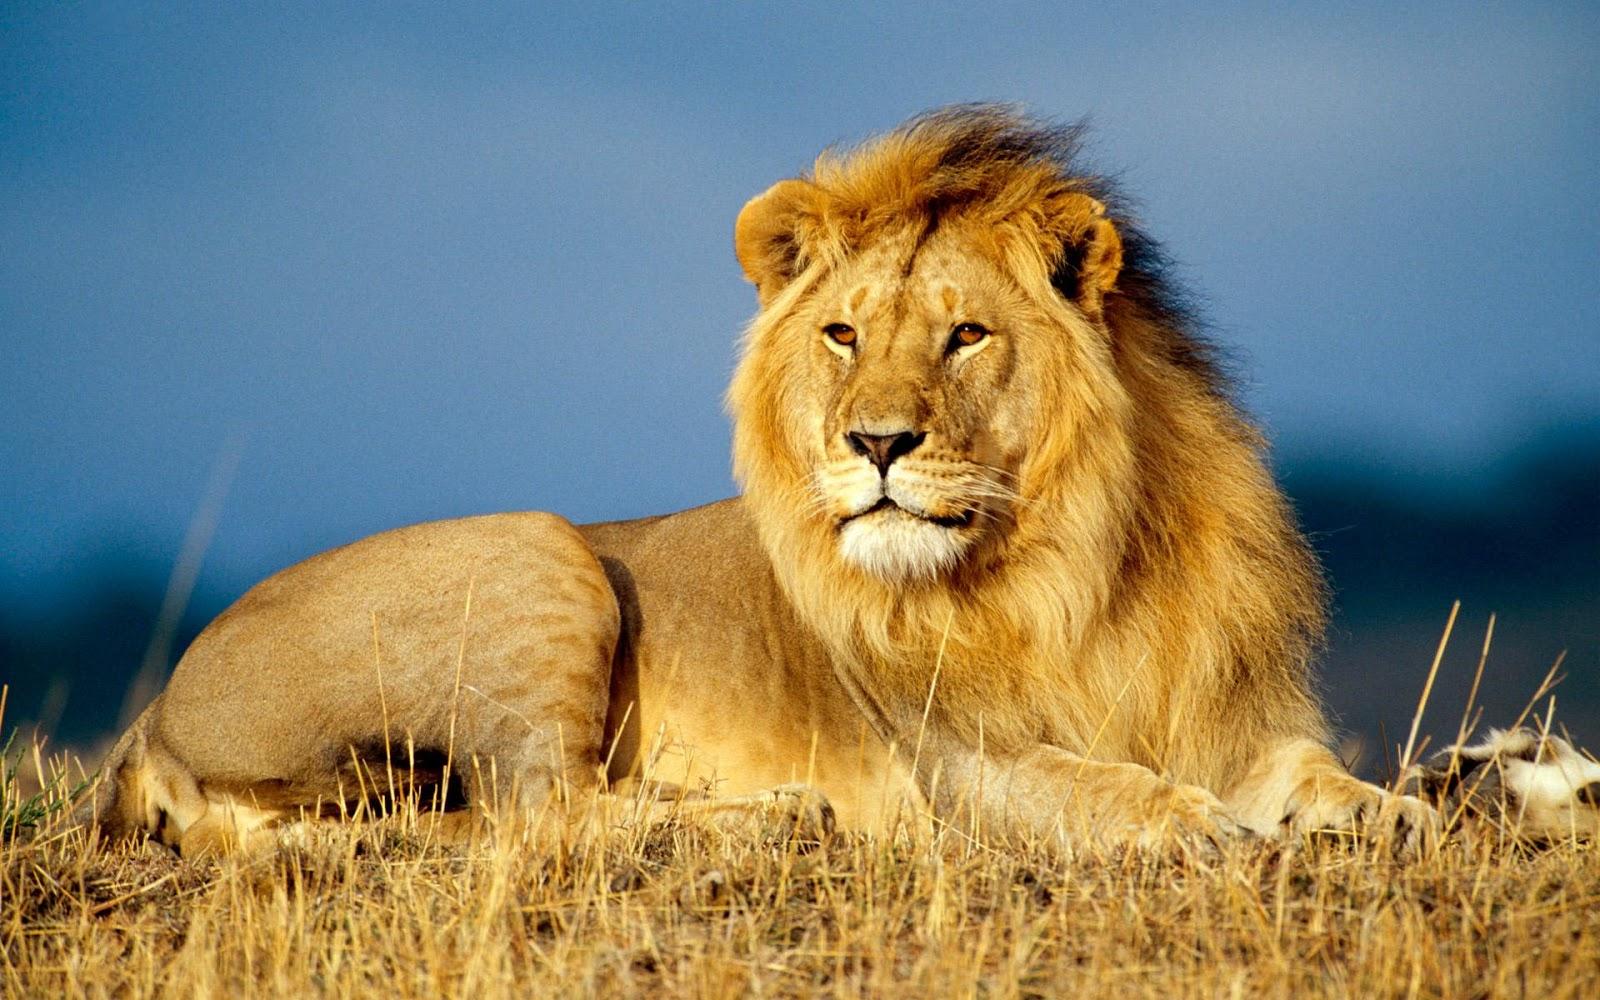 Horomag joyeux anniversaire au lion le roi des animaux - Animaux du roi lion ...